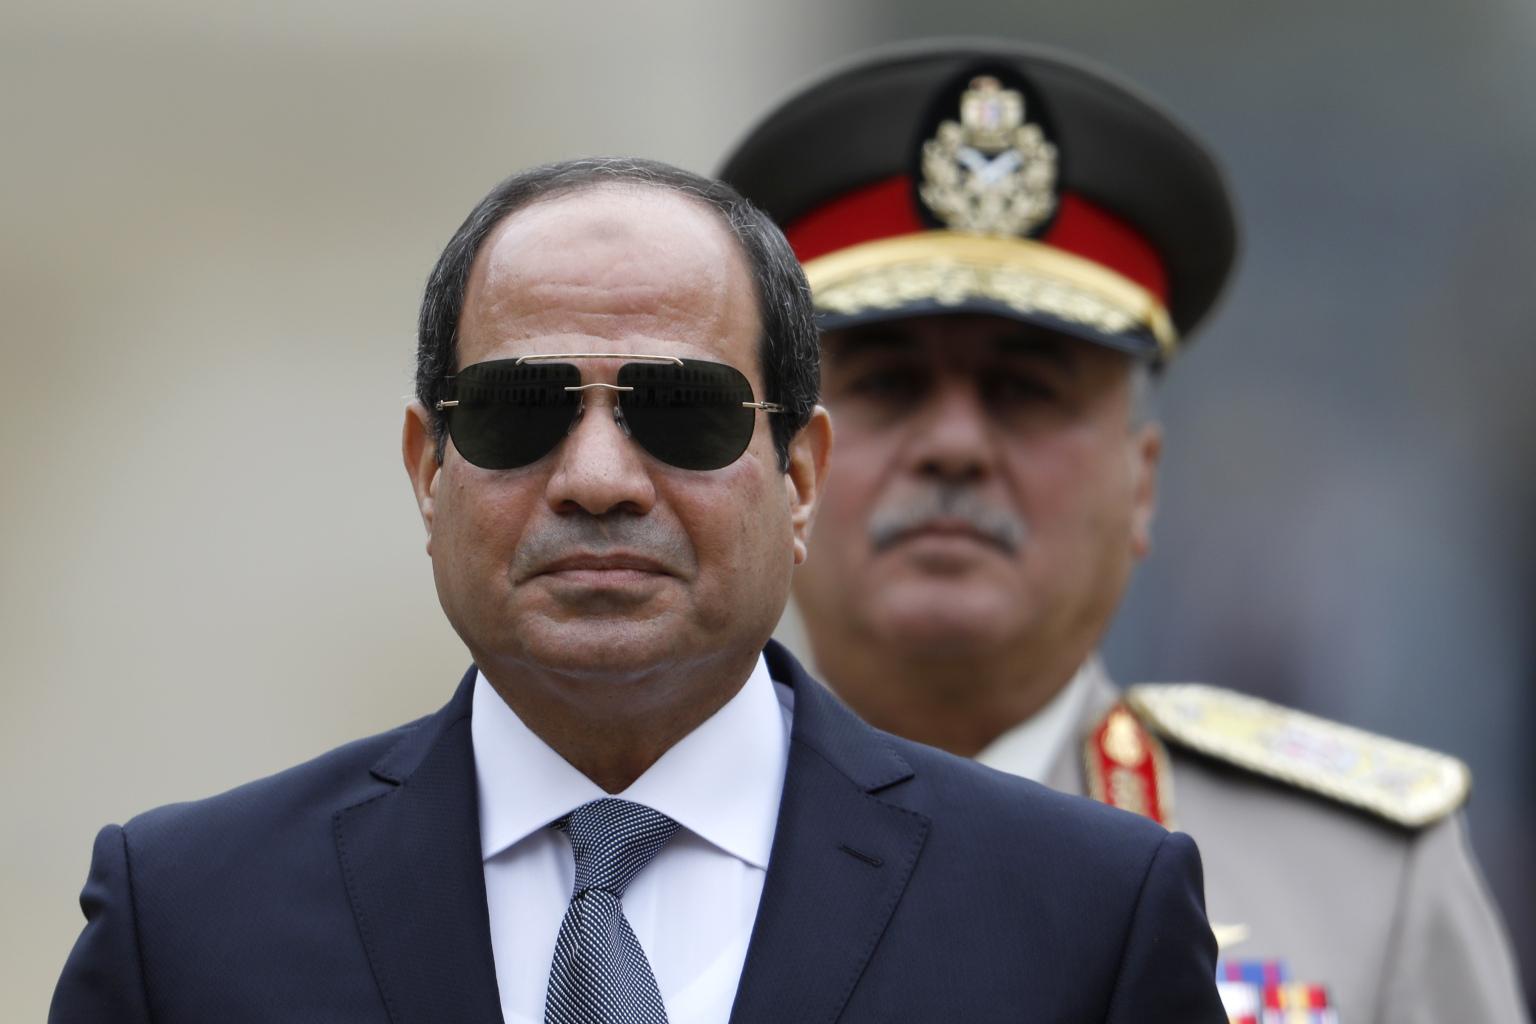 Mısır'da 'seçim yarışı' : Sisi, Sisi'ye karşı